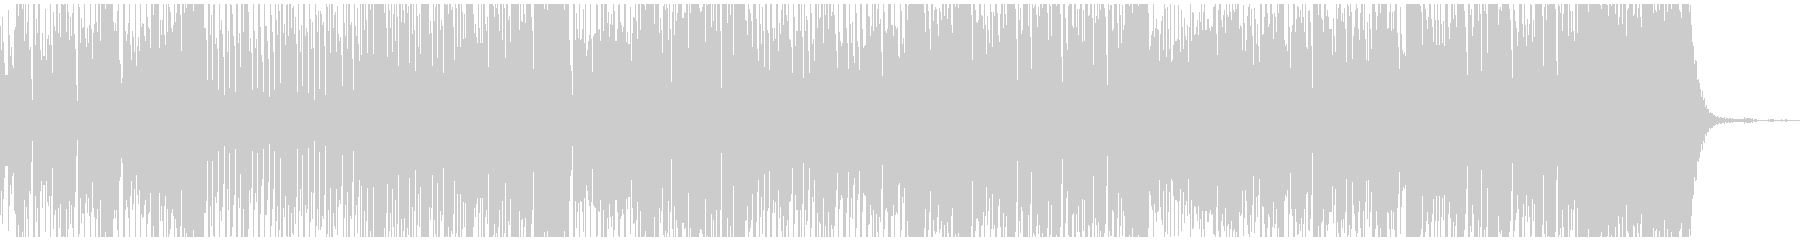 スタイリッシュ の未再生の波形